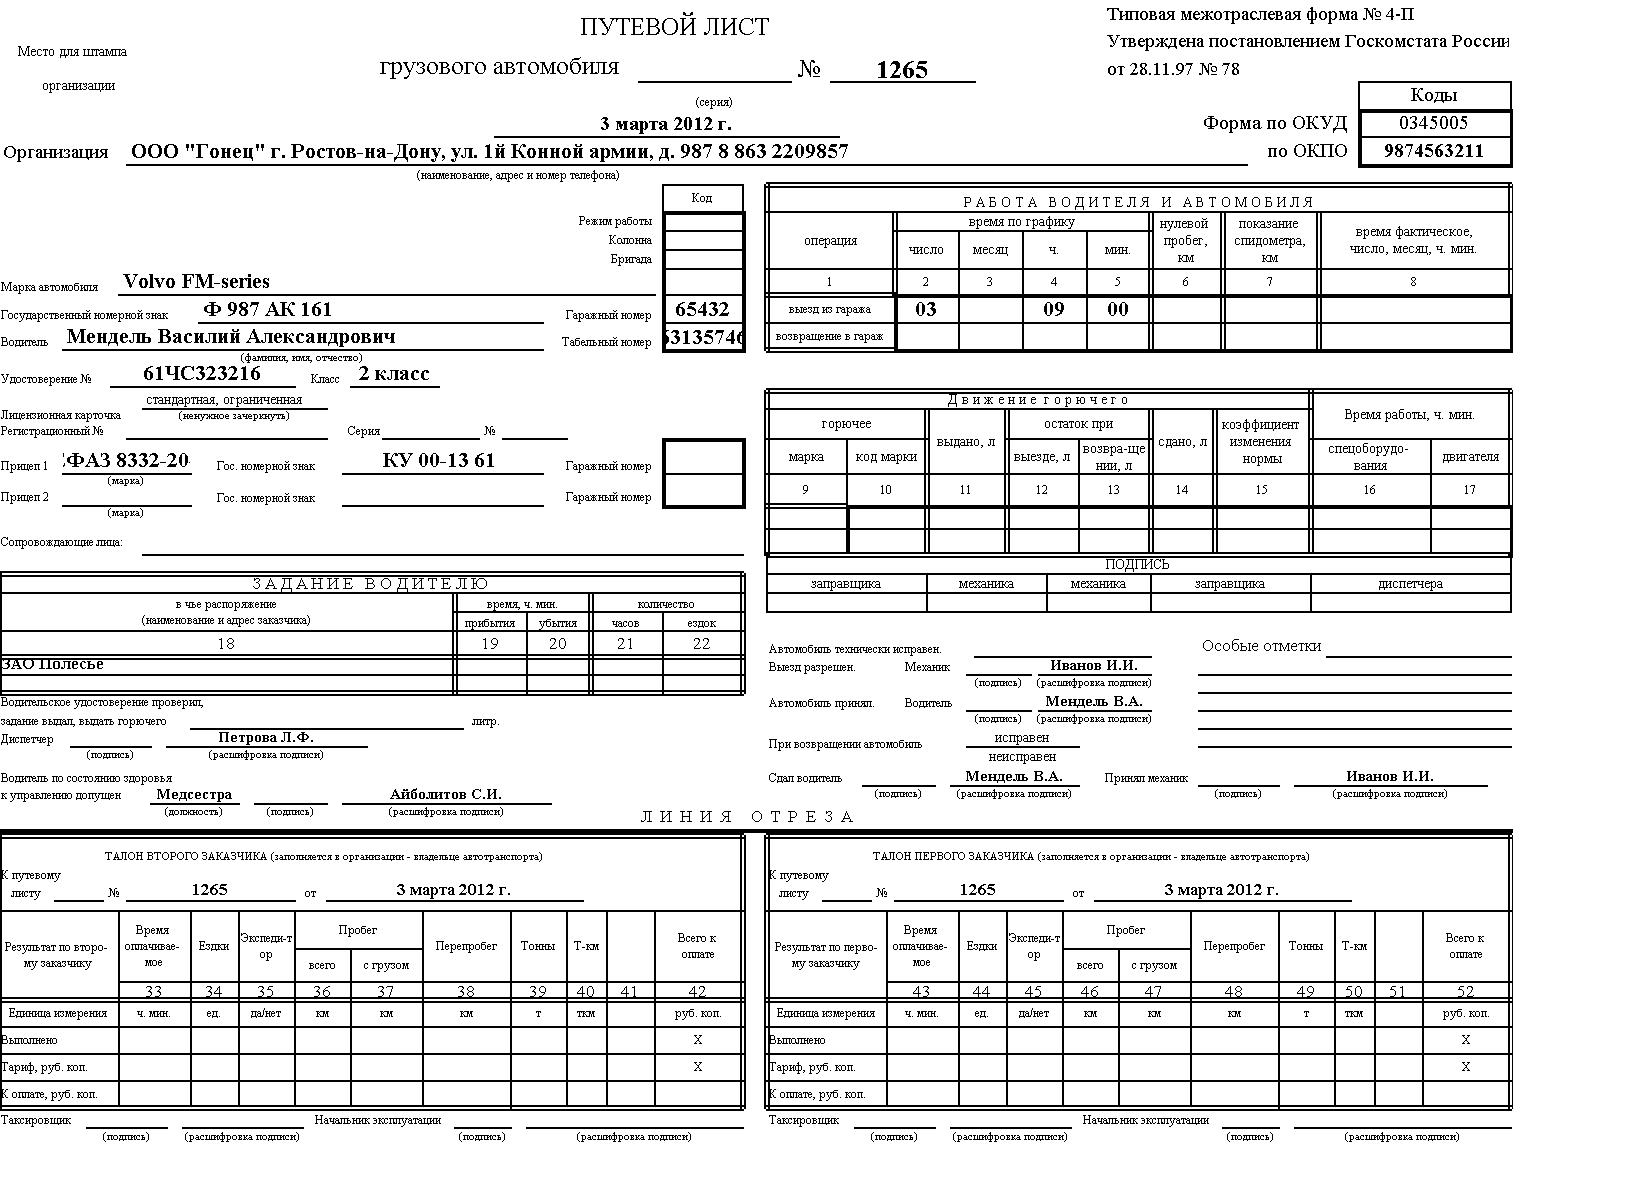 бланк путевые листы форма 19